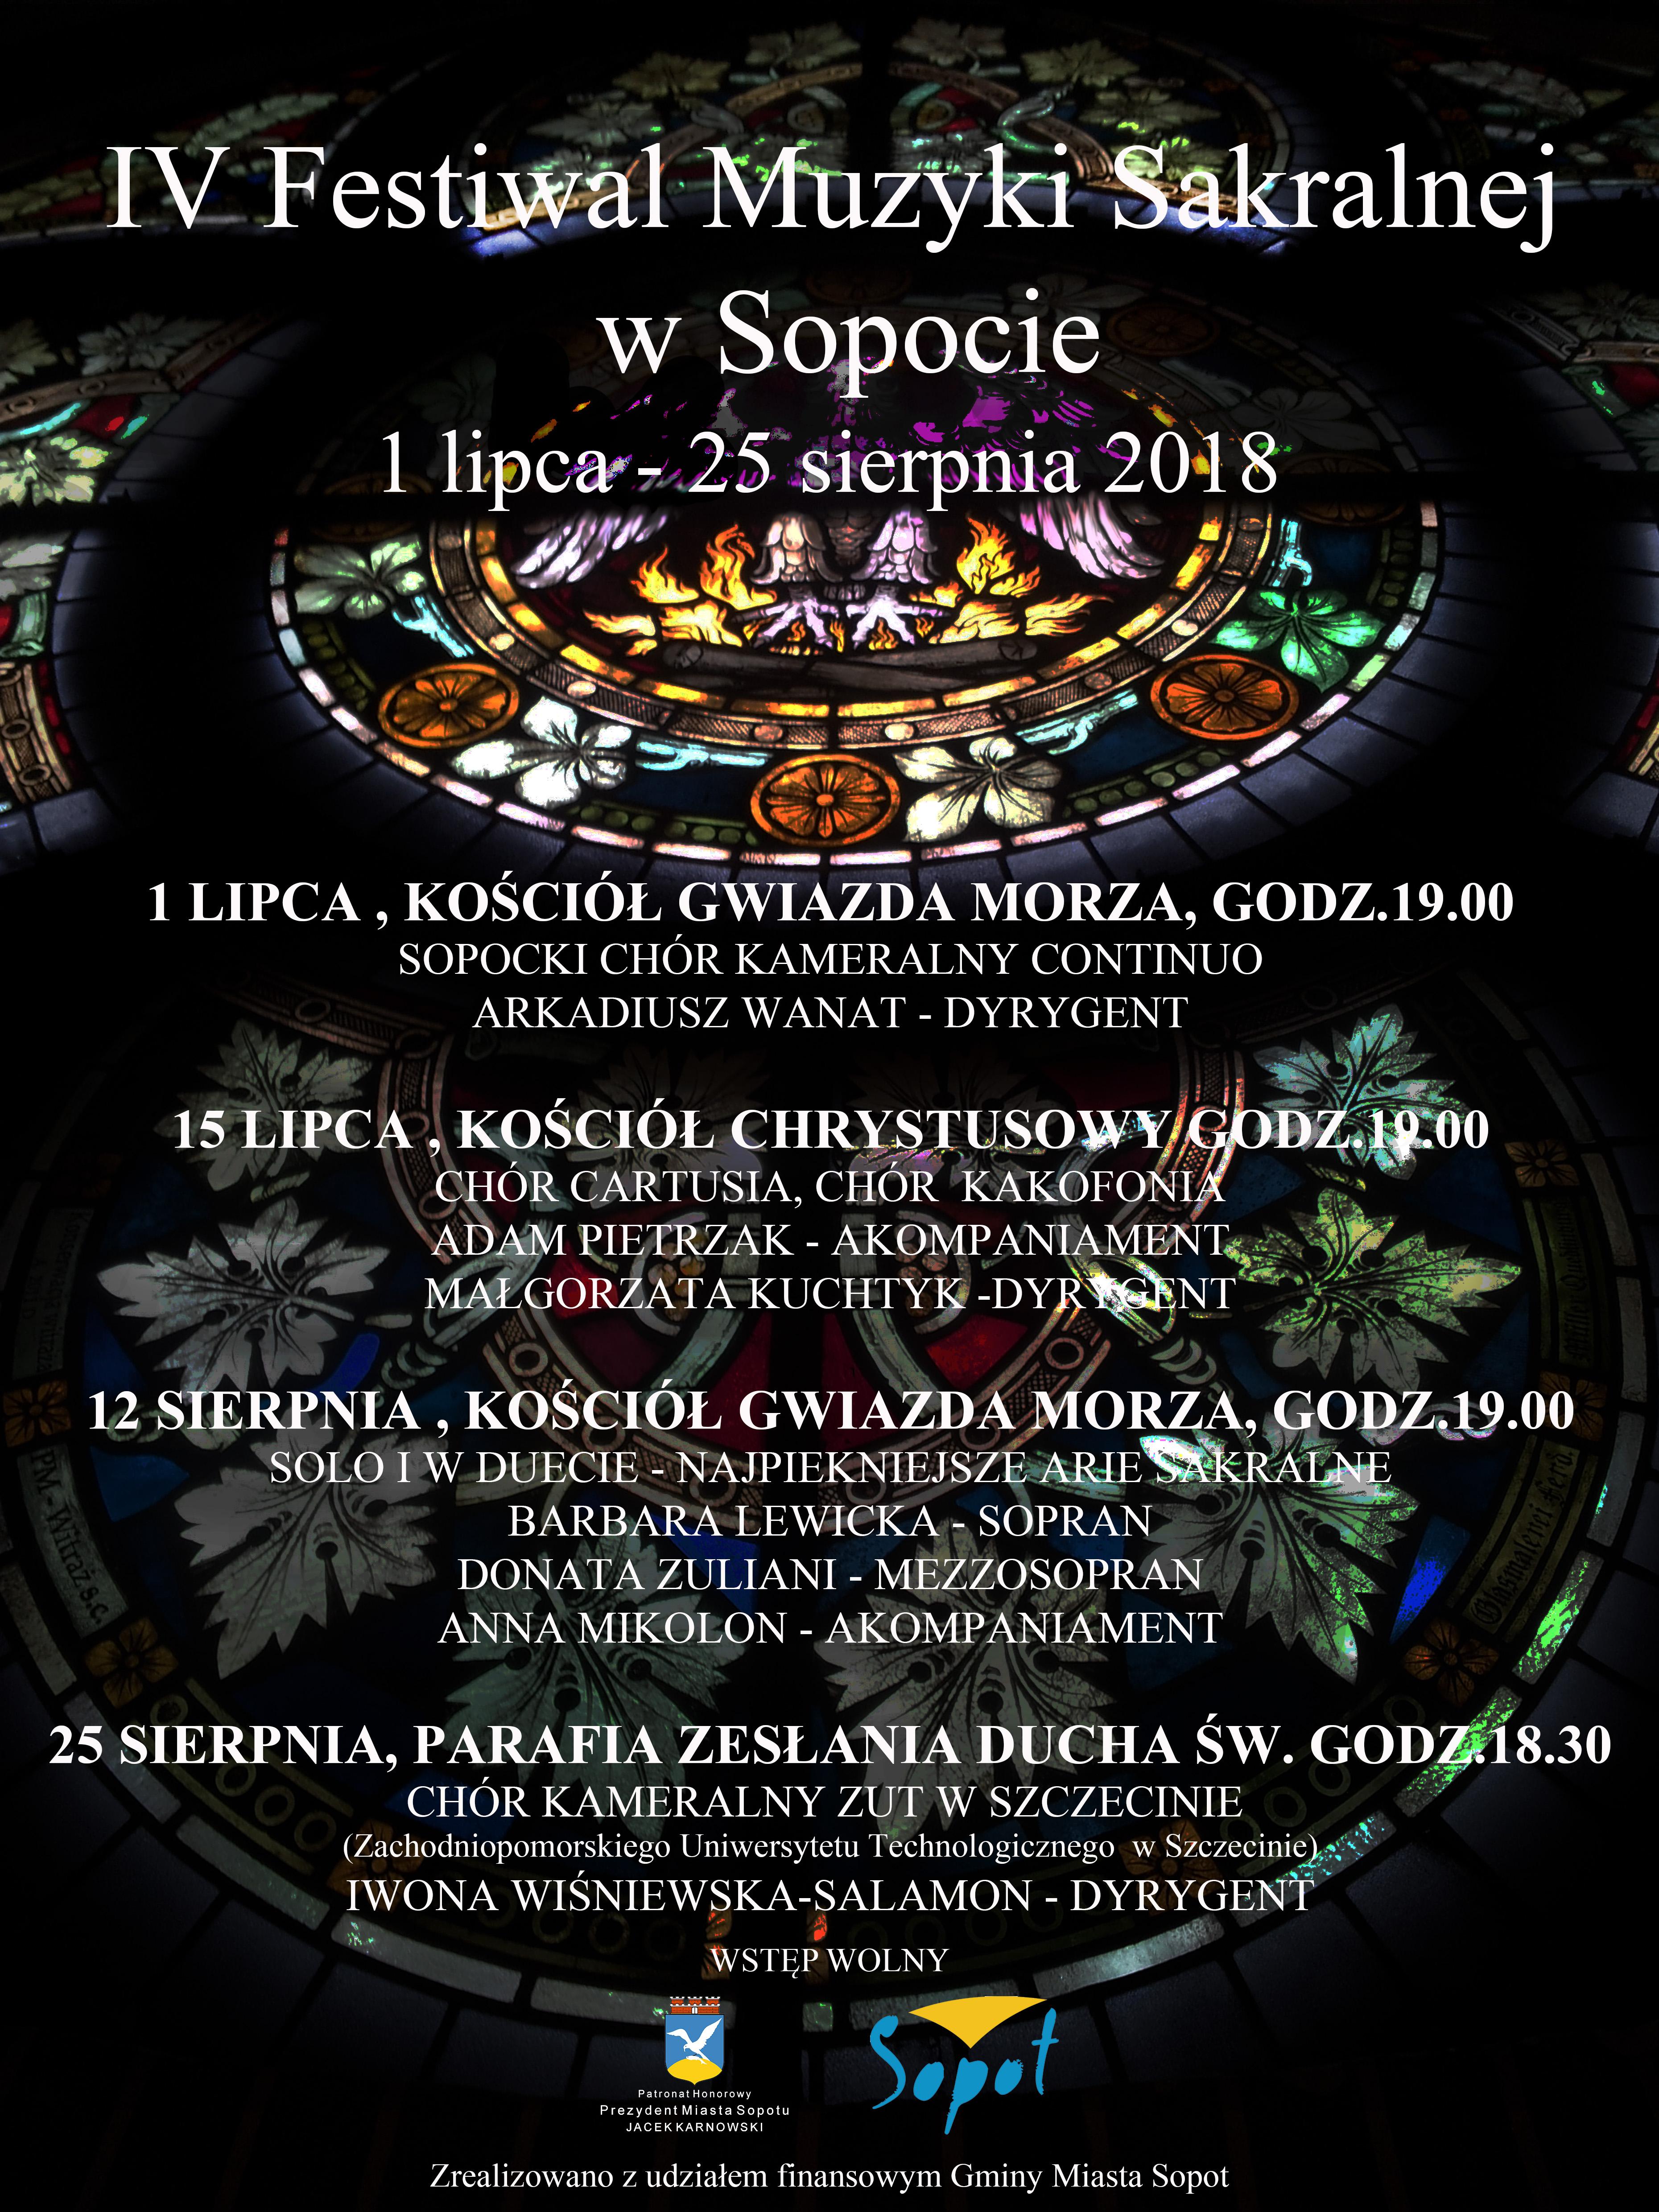 iv-festiwal-muzyki-sakralnej